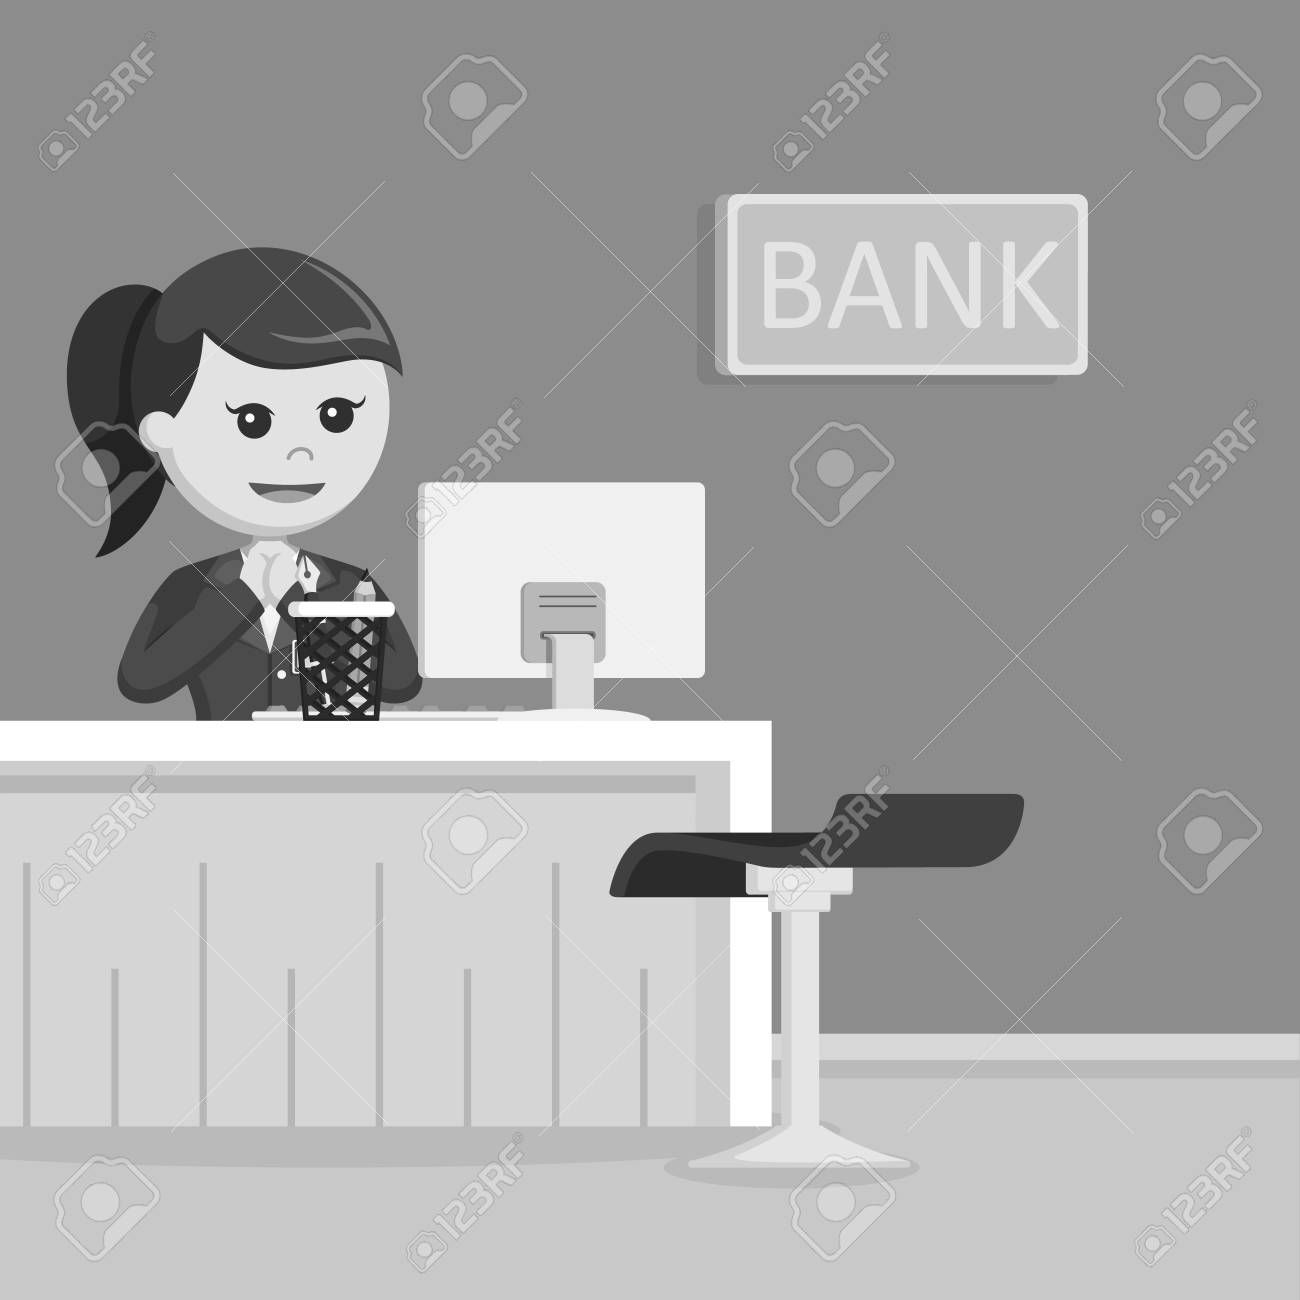 Female Bank Teller Illustration Design Black And White Style Royalty